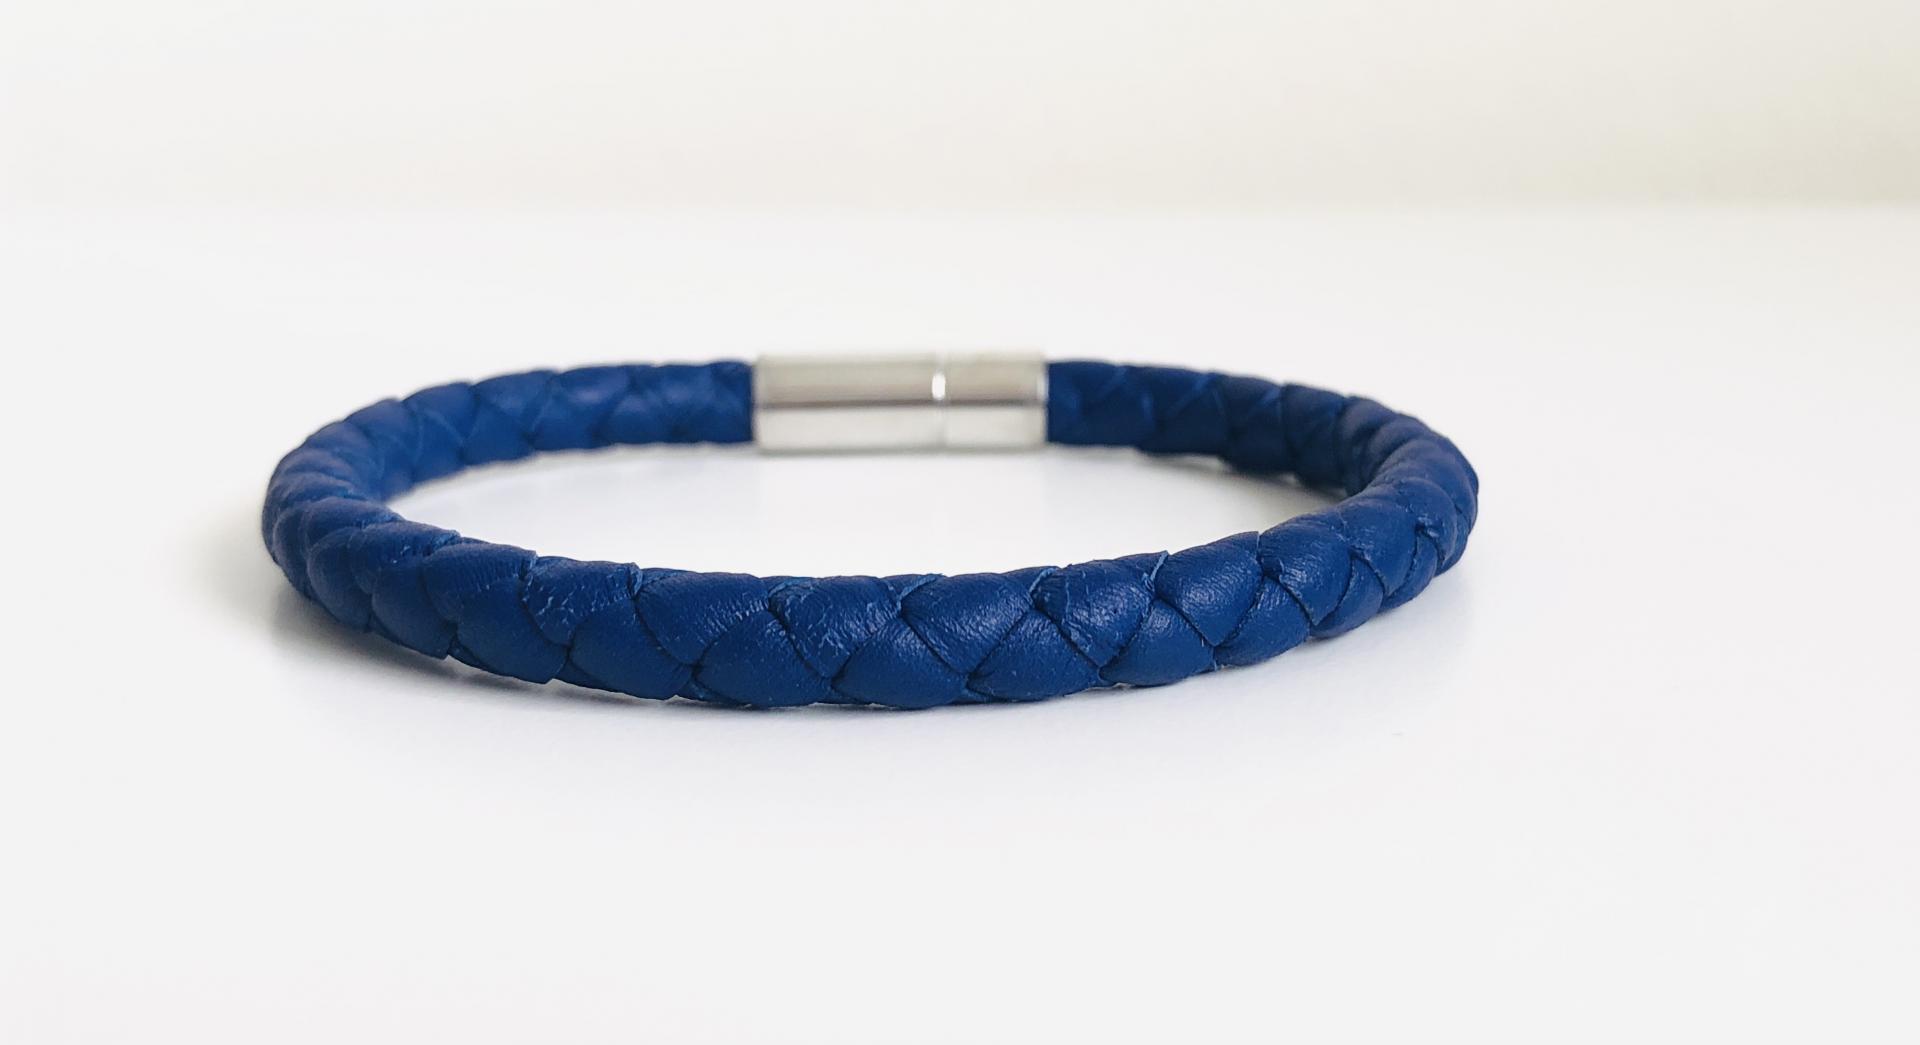 Pulsera de piel escamada azul marino